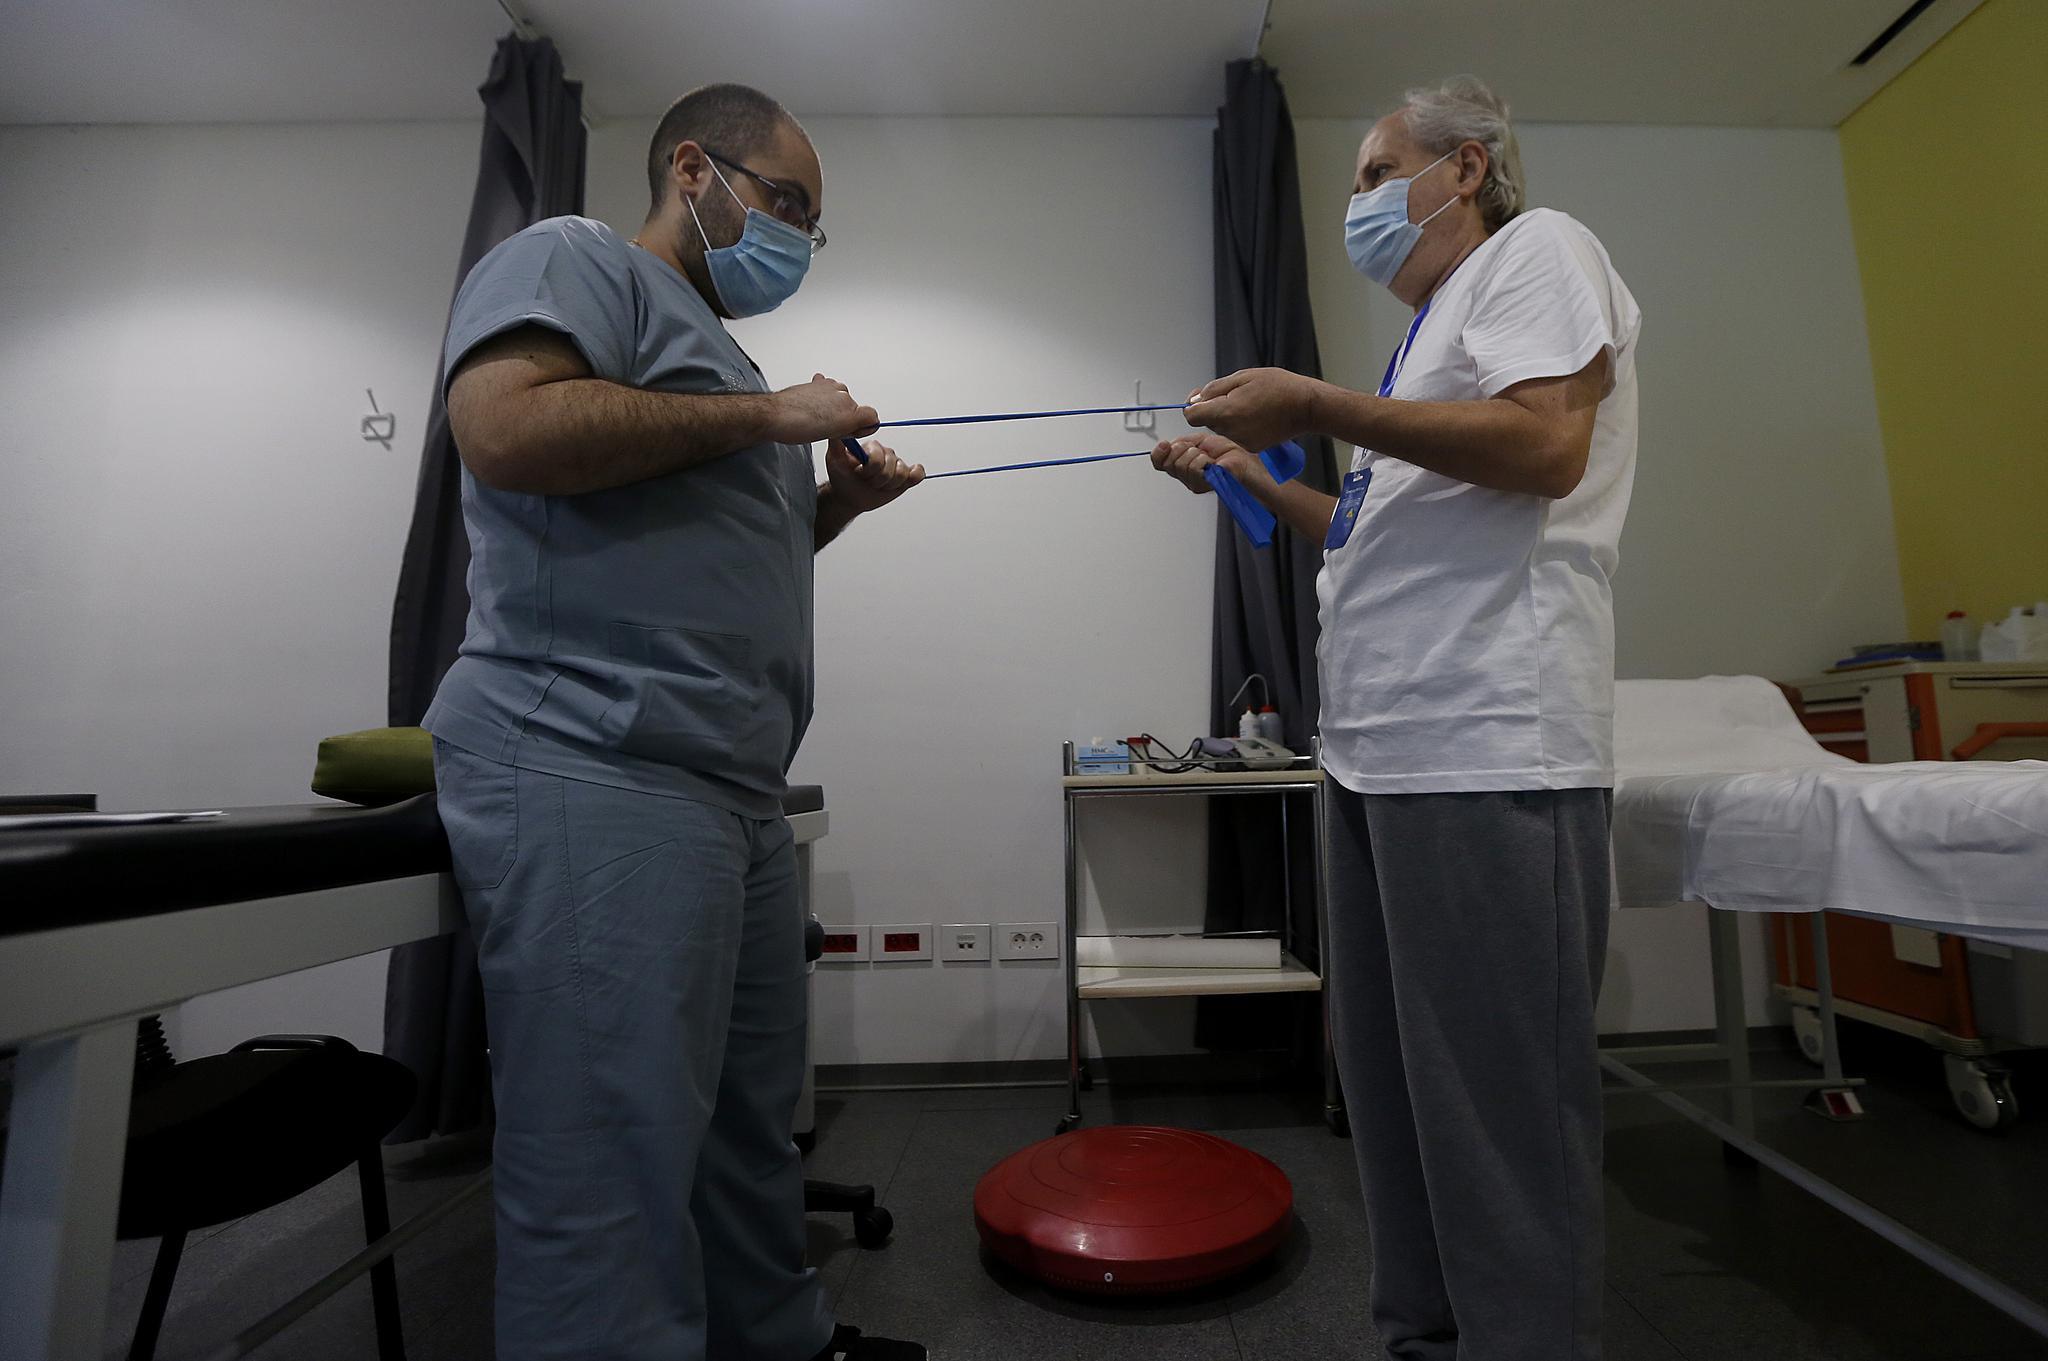 黎巴嫩的新冠康复中心